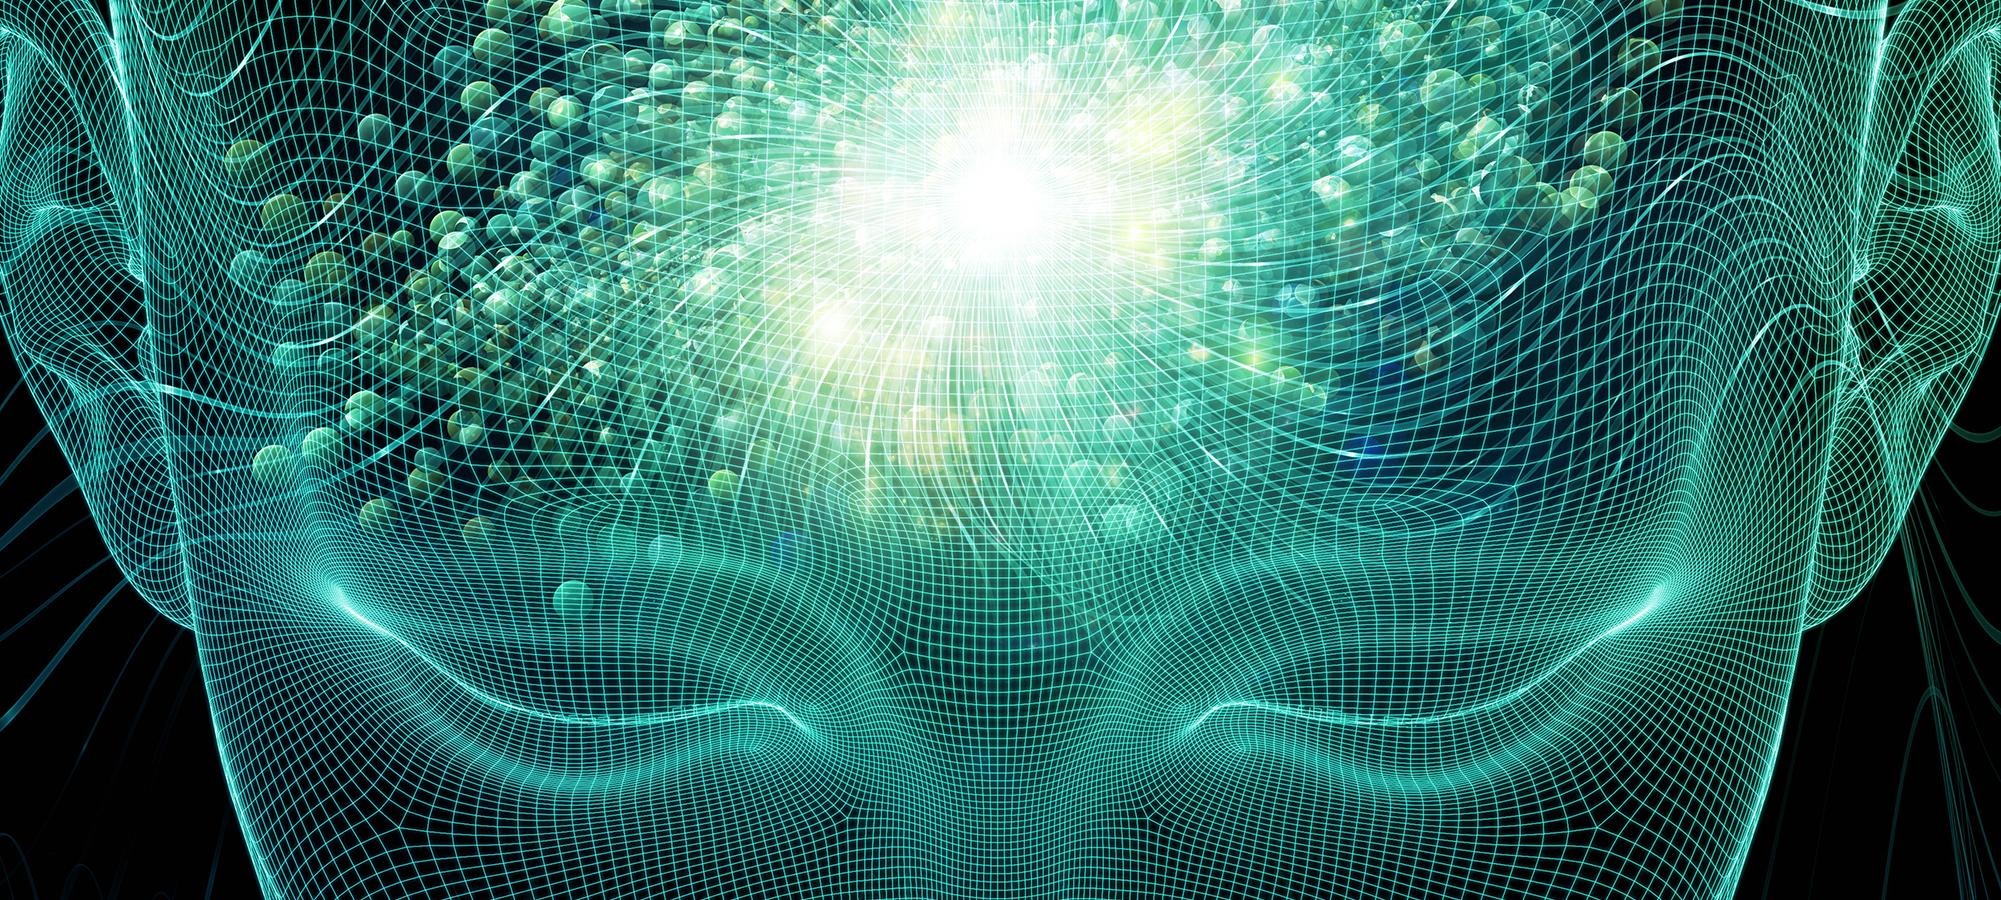 Tìm hiểu về công nghệ đang giúp cả thế giới phát triển với tốc độ chưa từng thấy trong lịch sử loài người - Ảnh 24.